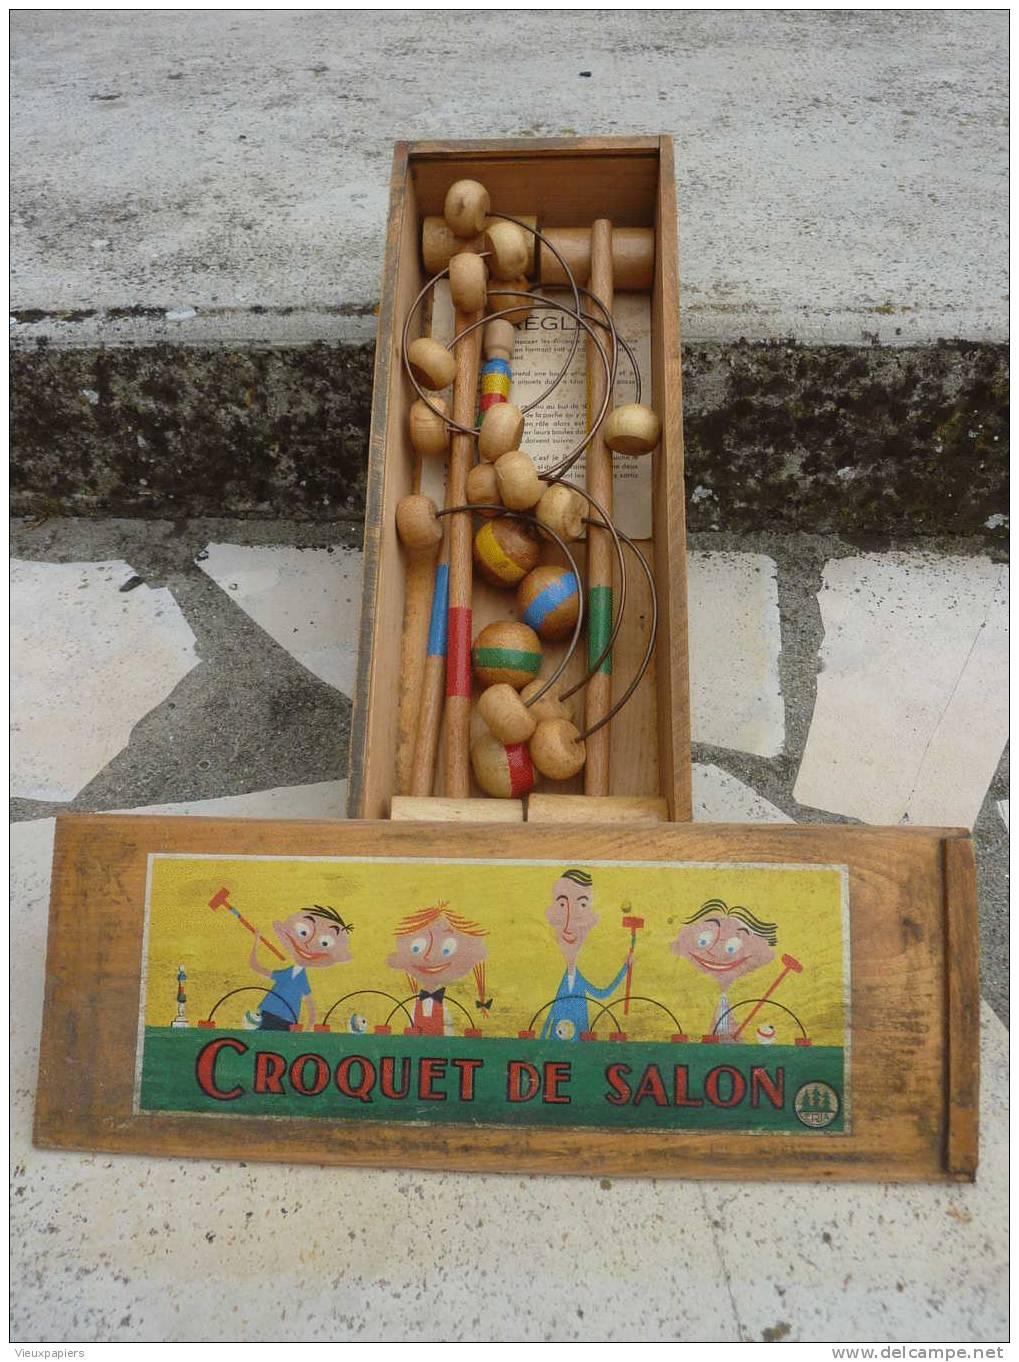 Jeu de croquet de salon complet  marque ERIA  jouet bois  jouet du  ~ Jeux De Croquet En Bois